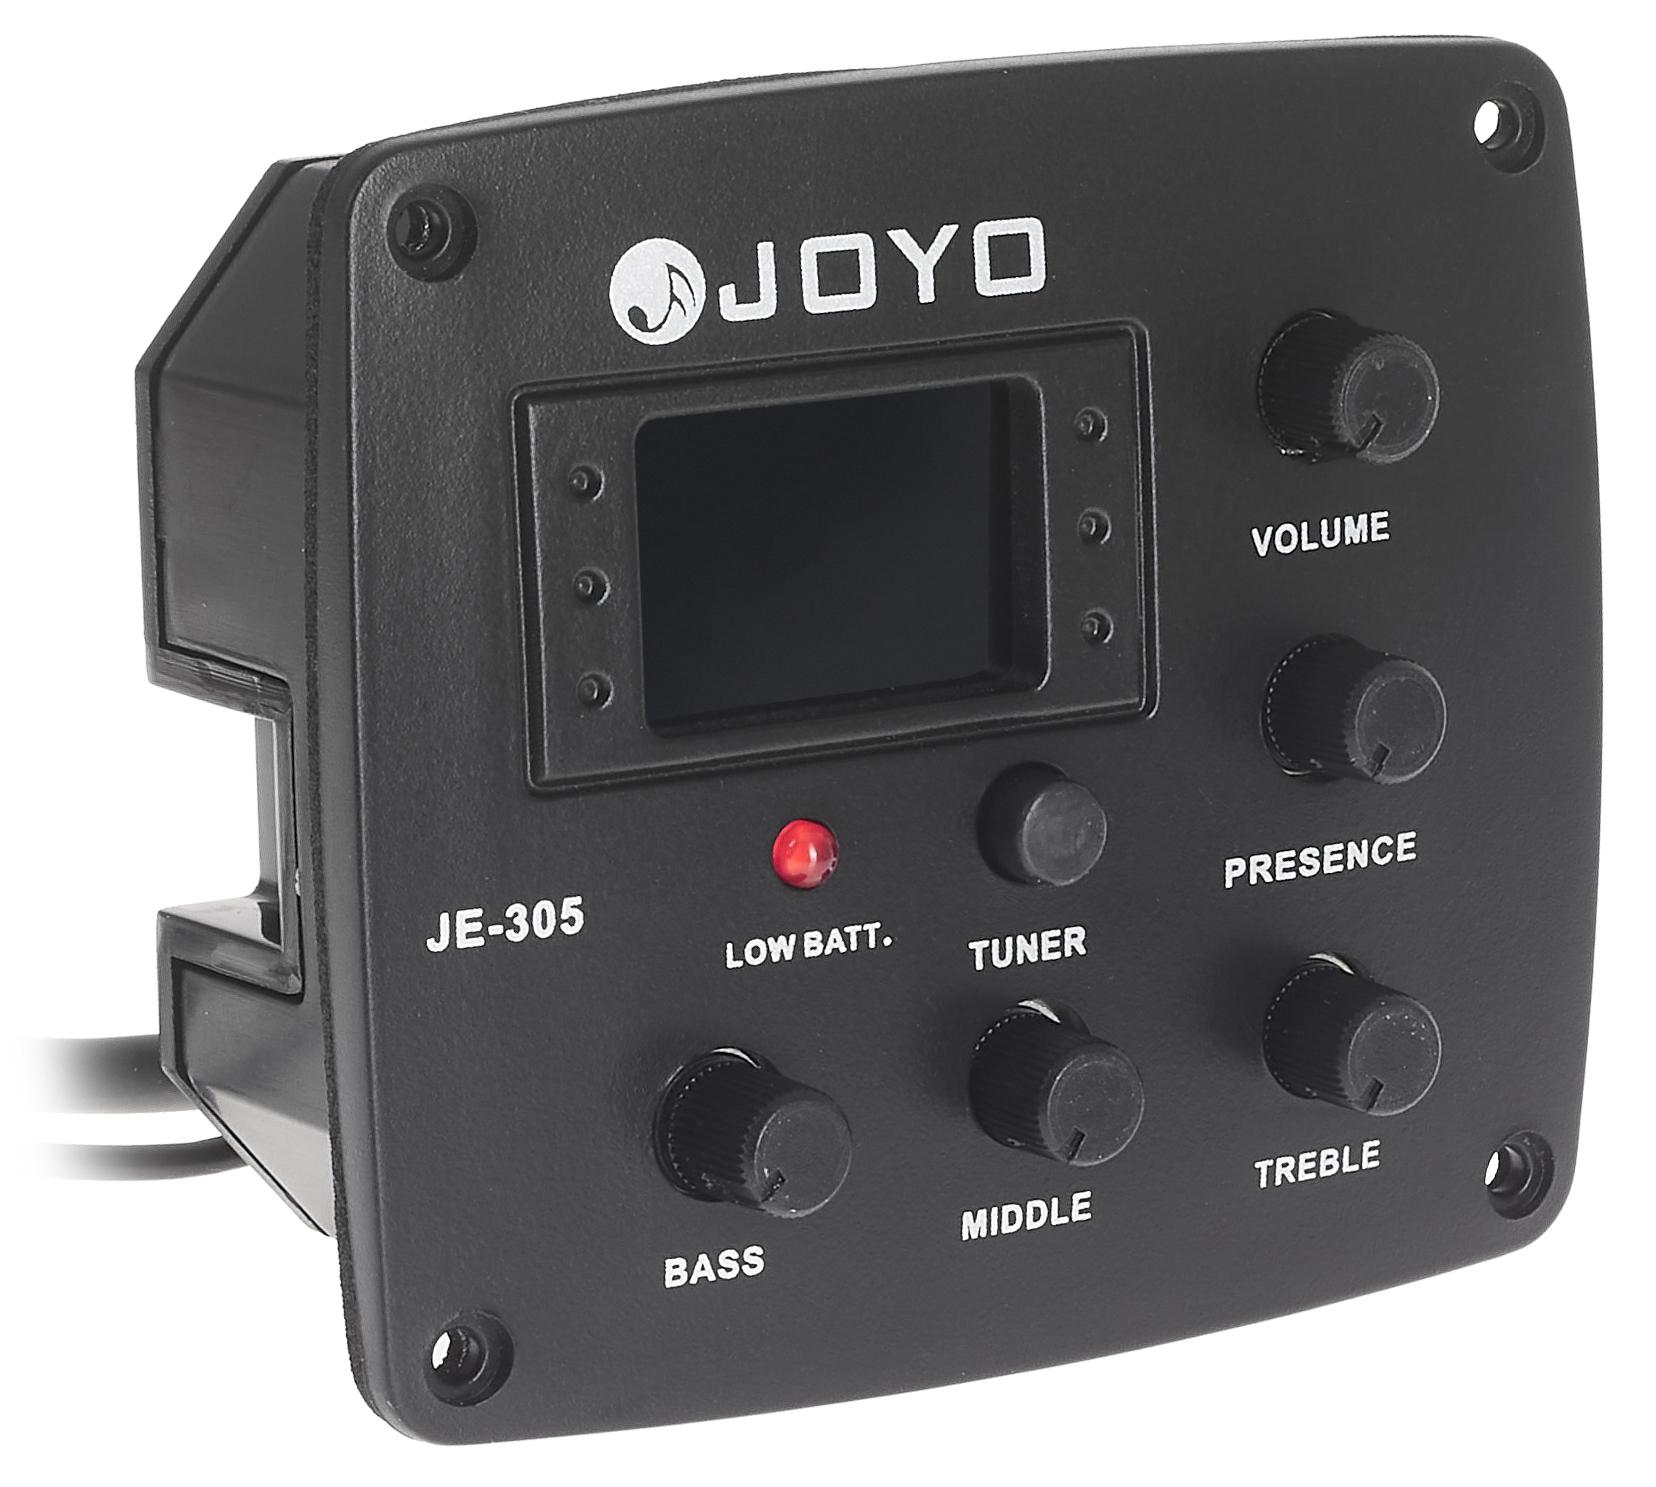 JOYO JE-305